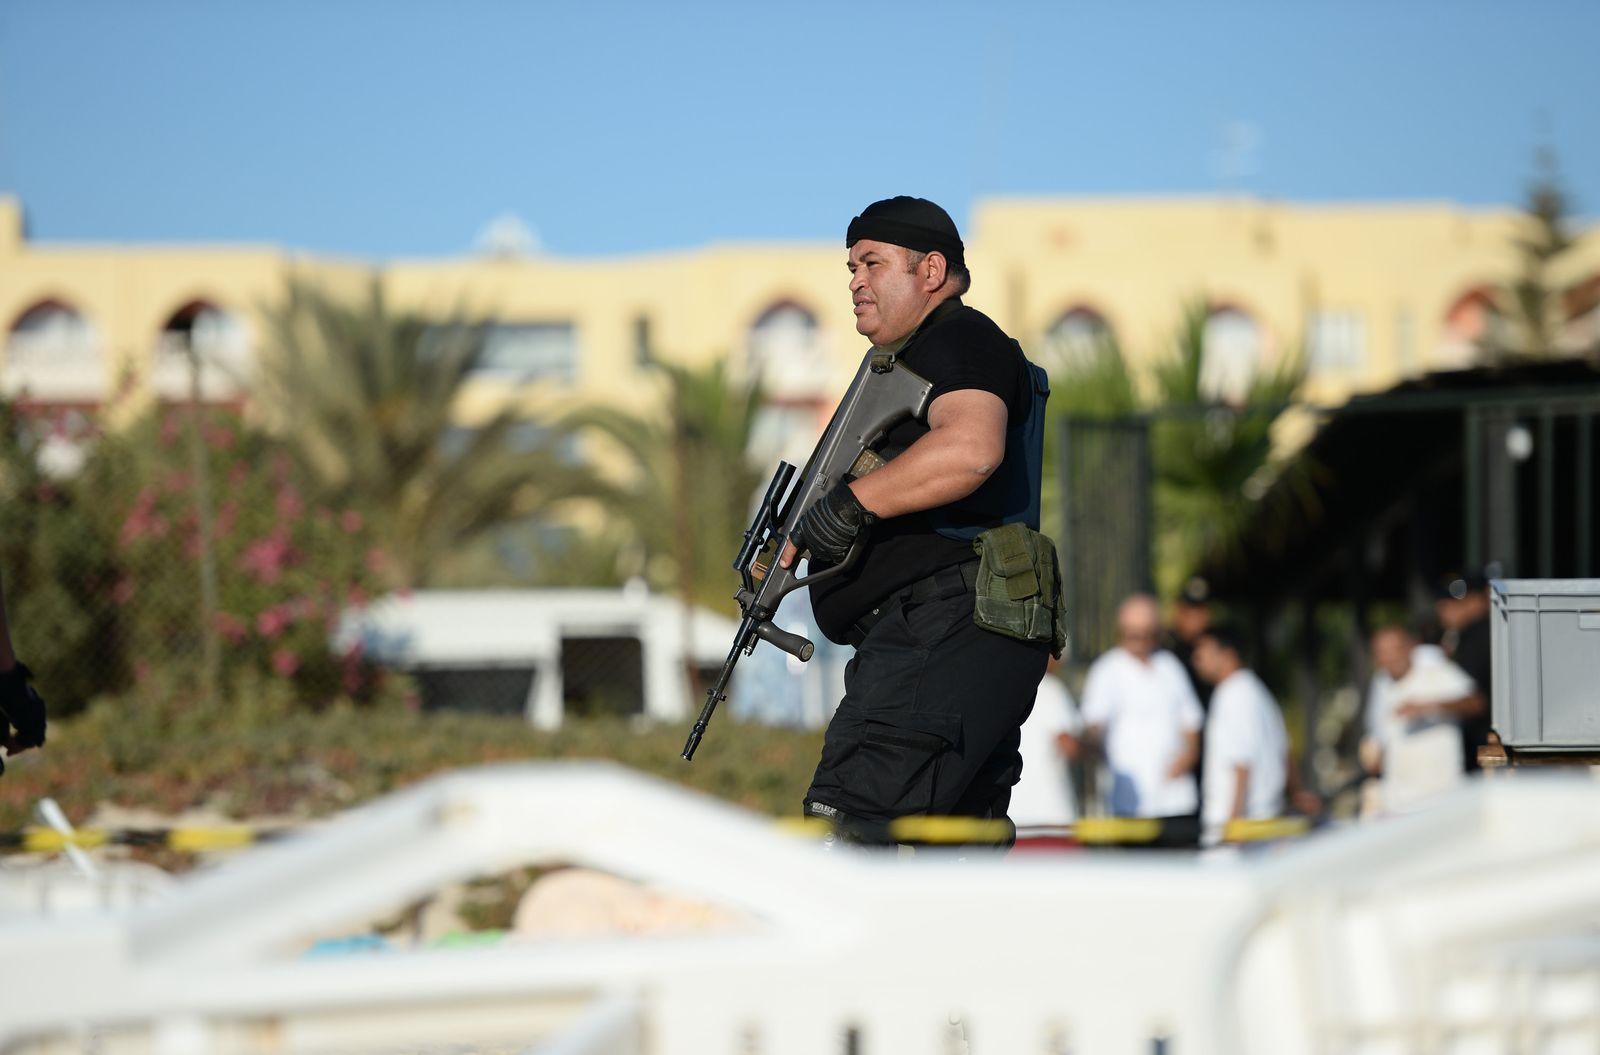 Angriff auf Touristenhotel in Tunesien